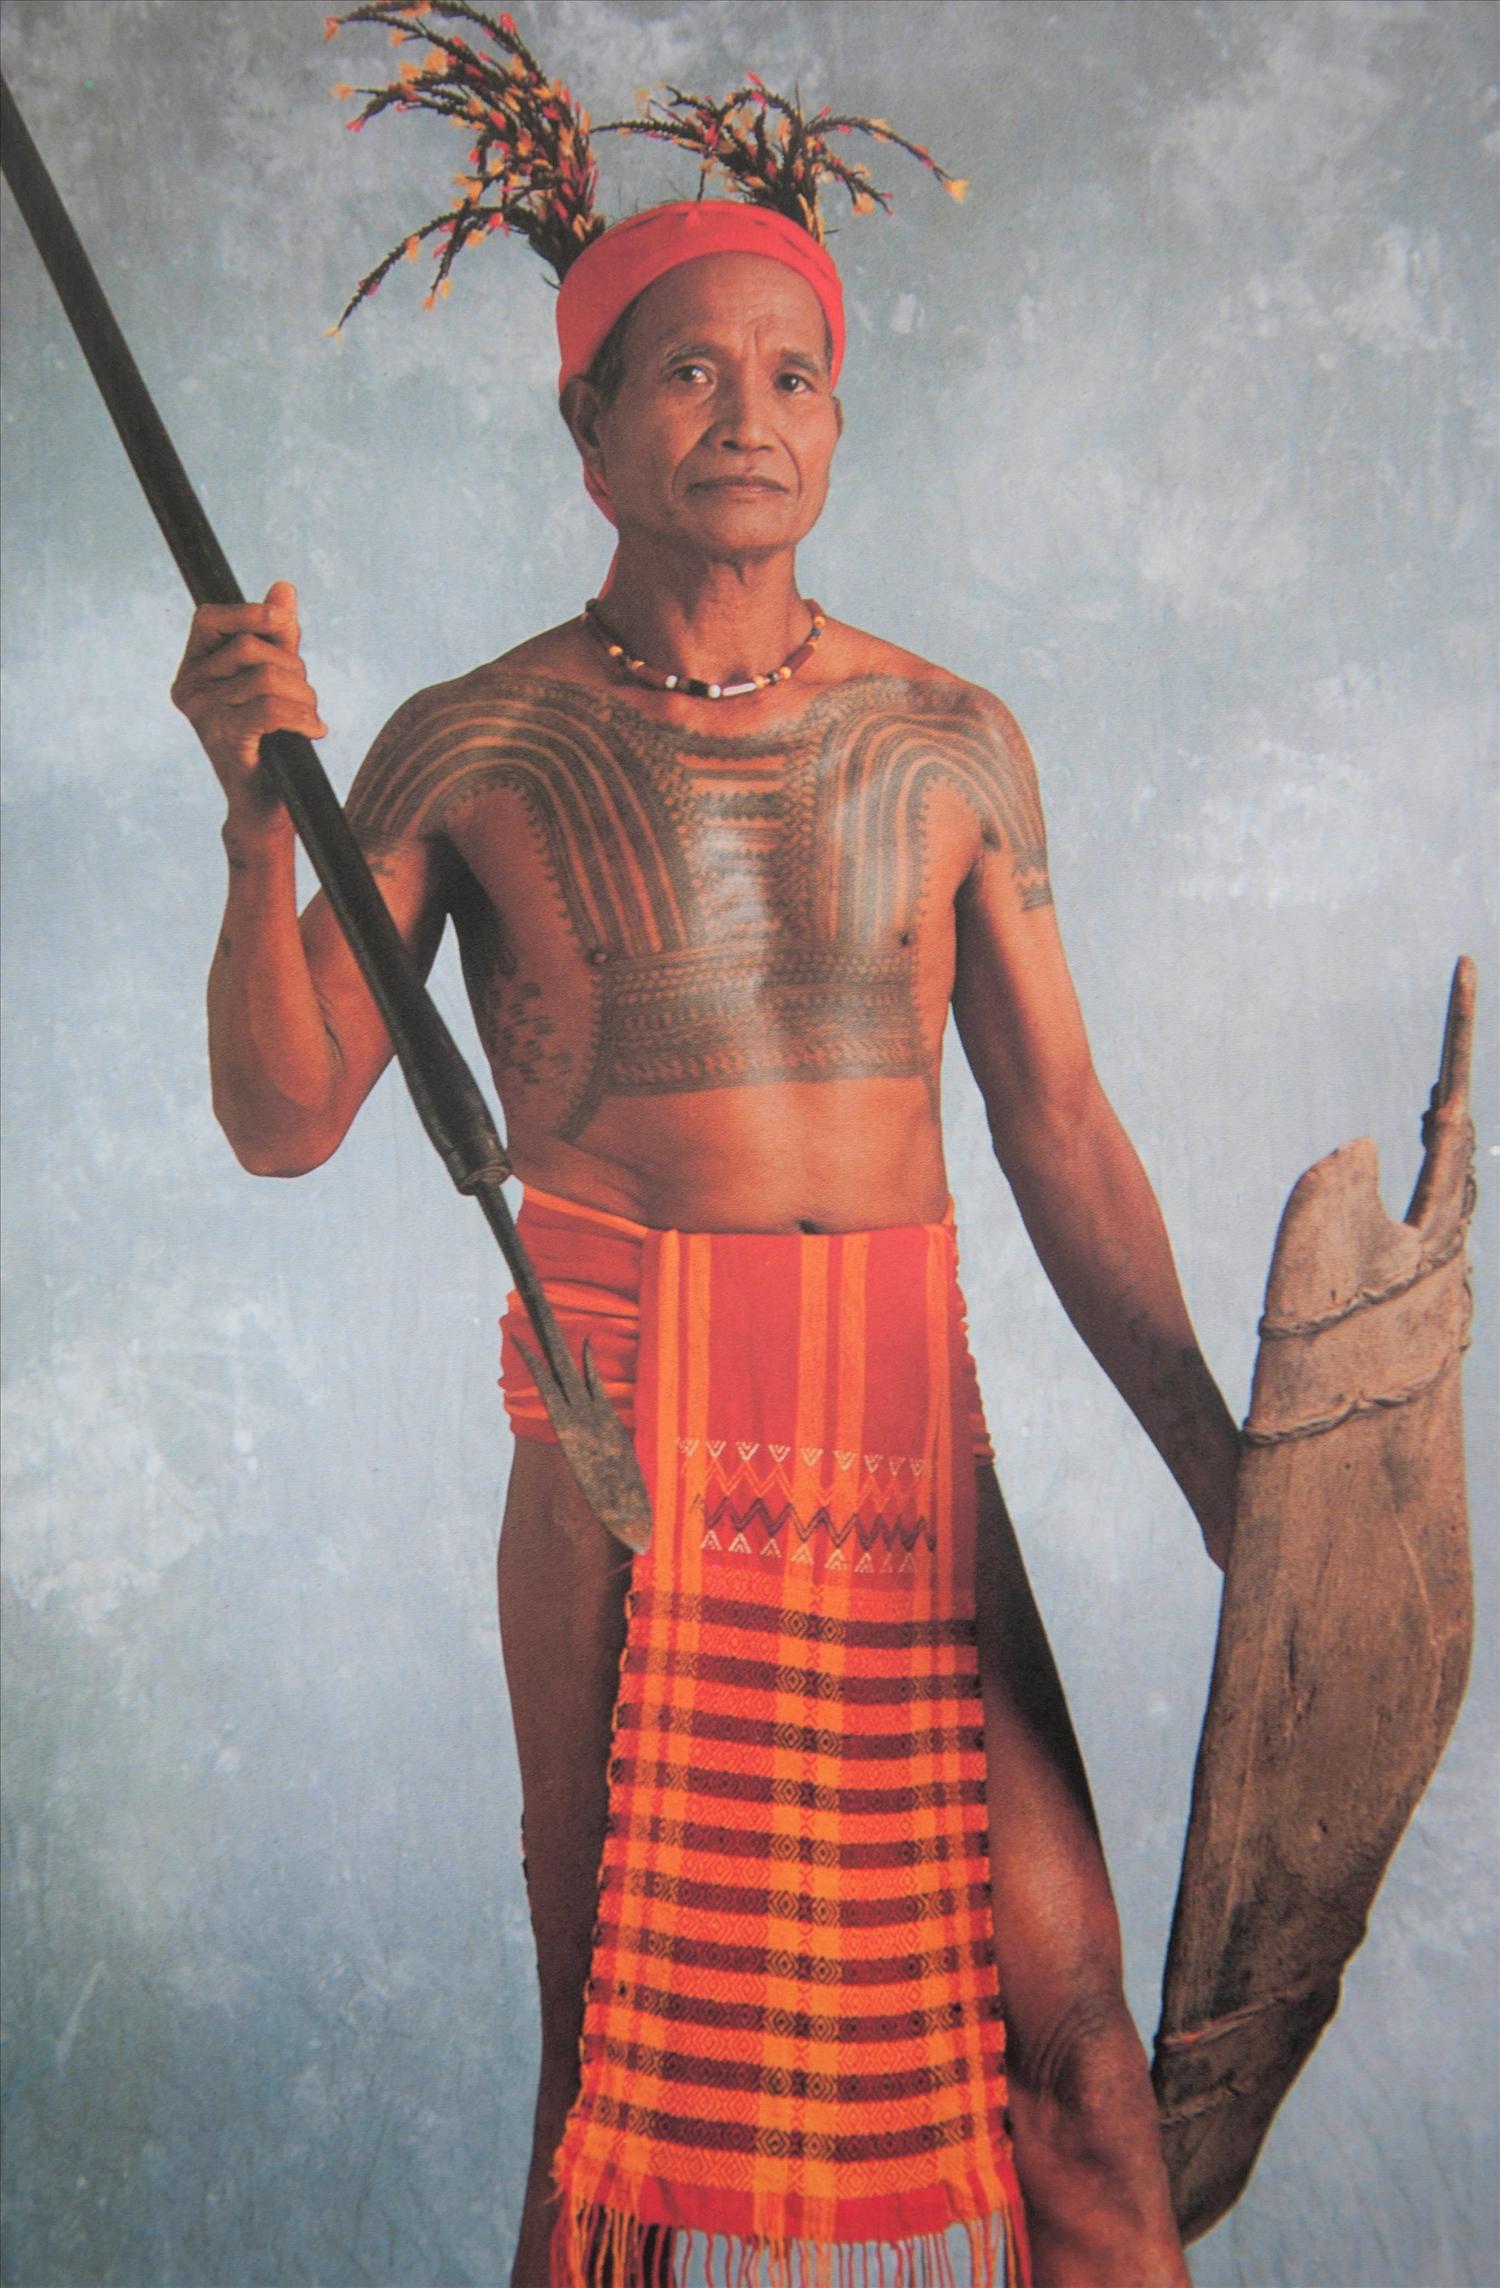 Đàn ông dân tộc Bubut, vùng Kalinga miền Bắc Philippines với hình xăm trên ngực (Ảnh: Tư liệu)